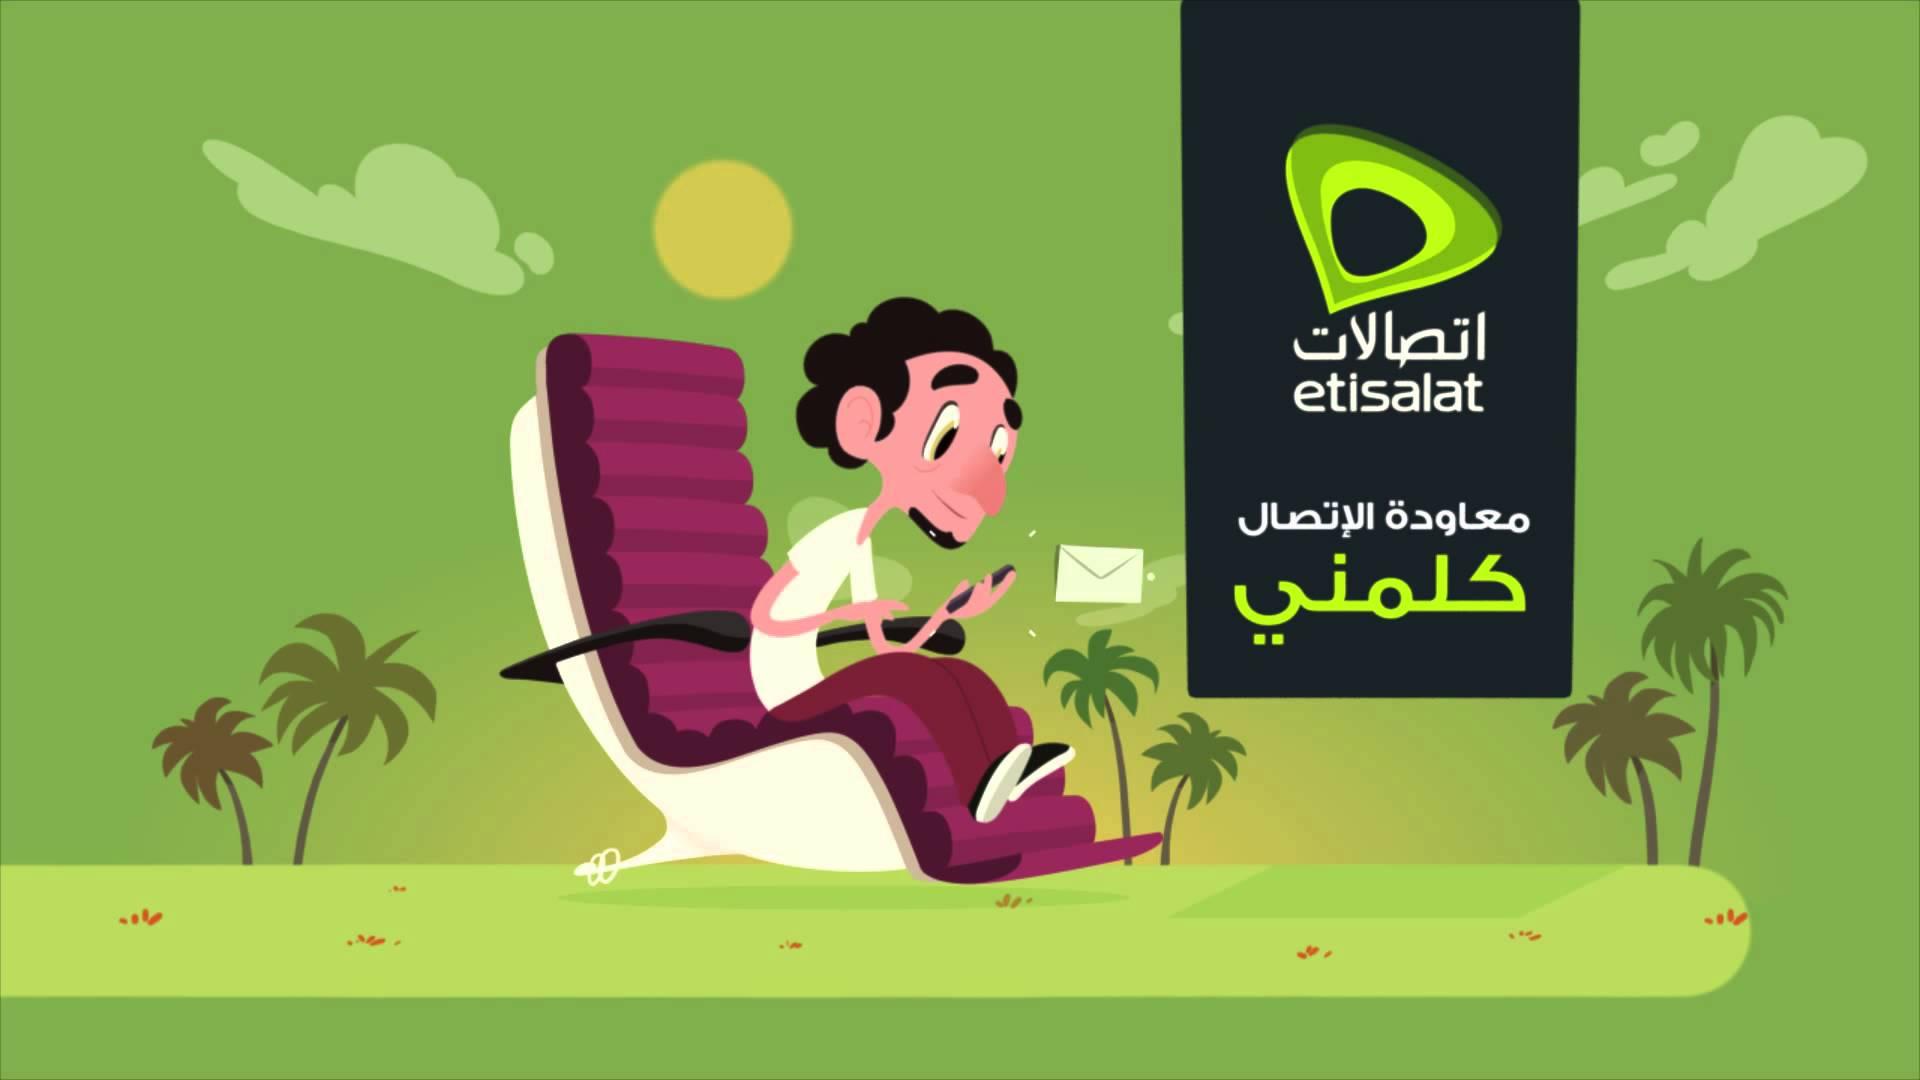 بالصور كلمنى شكرا من اتصالات , اكواد عملاء شركة اتصالات المصرية 823